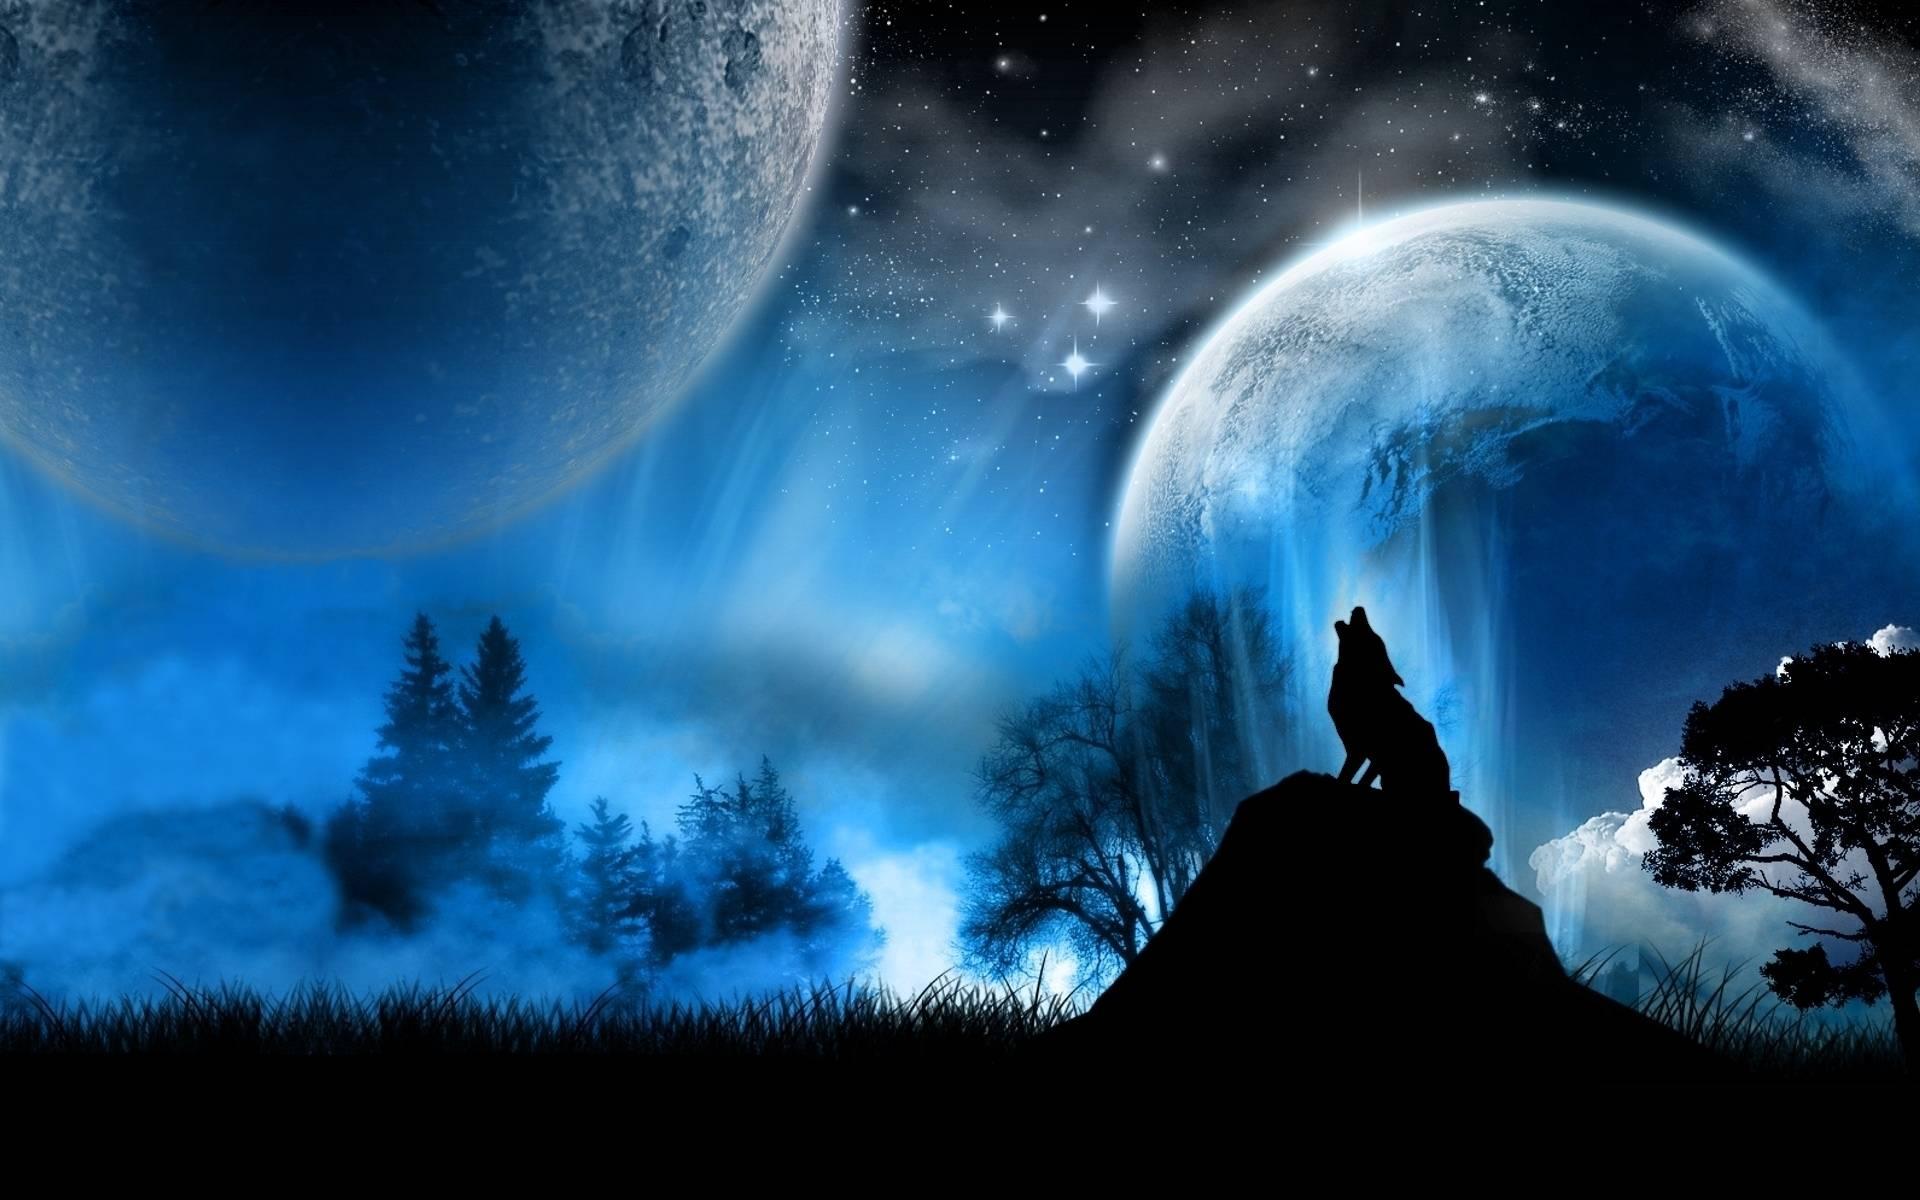 Wolf wallpaper.